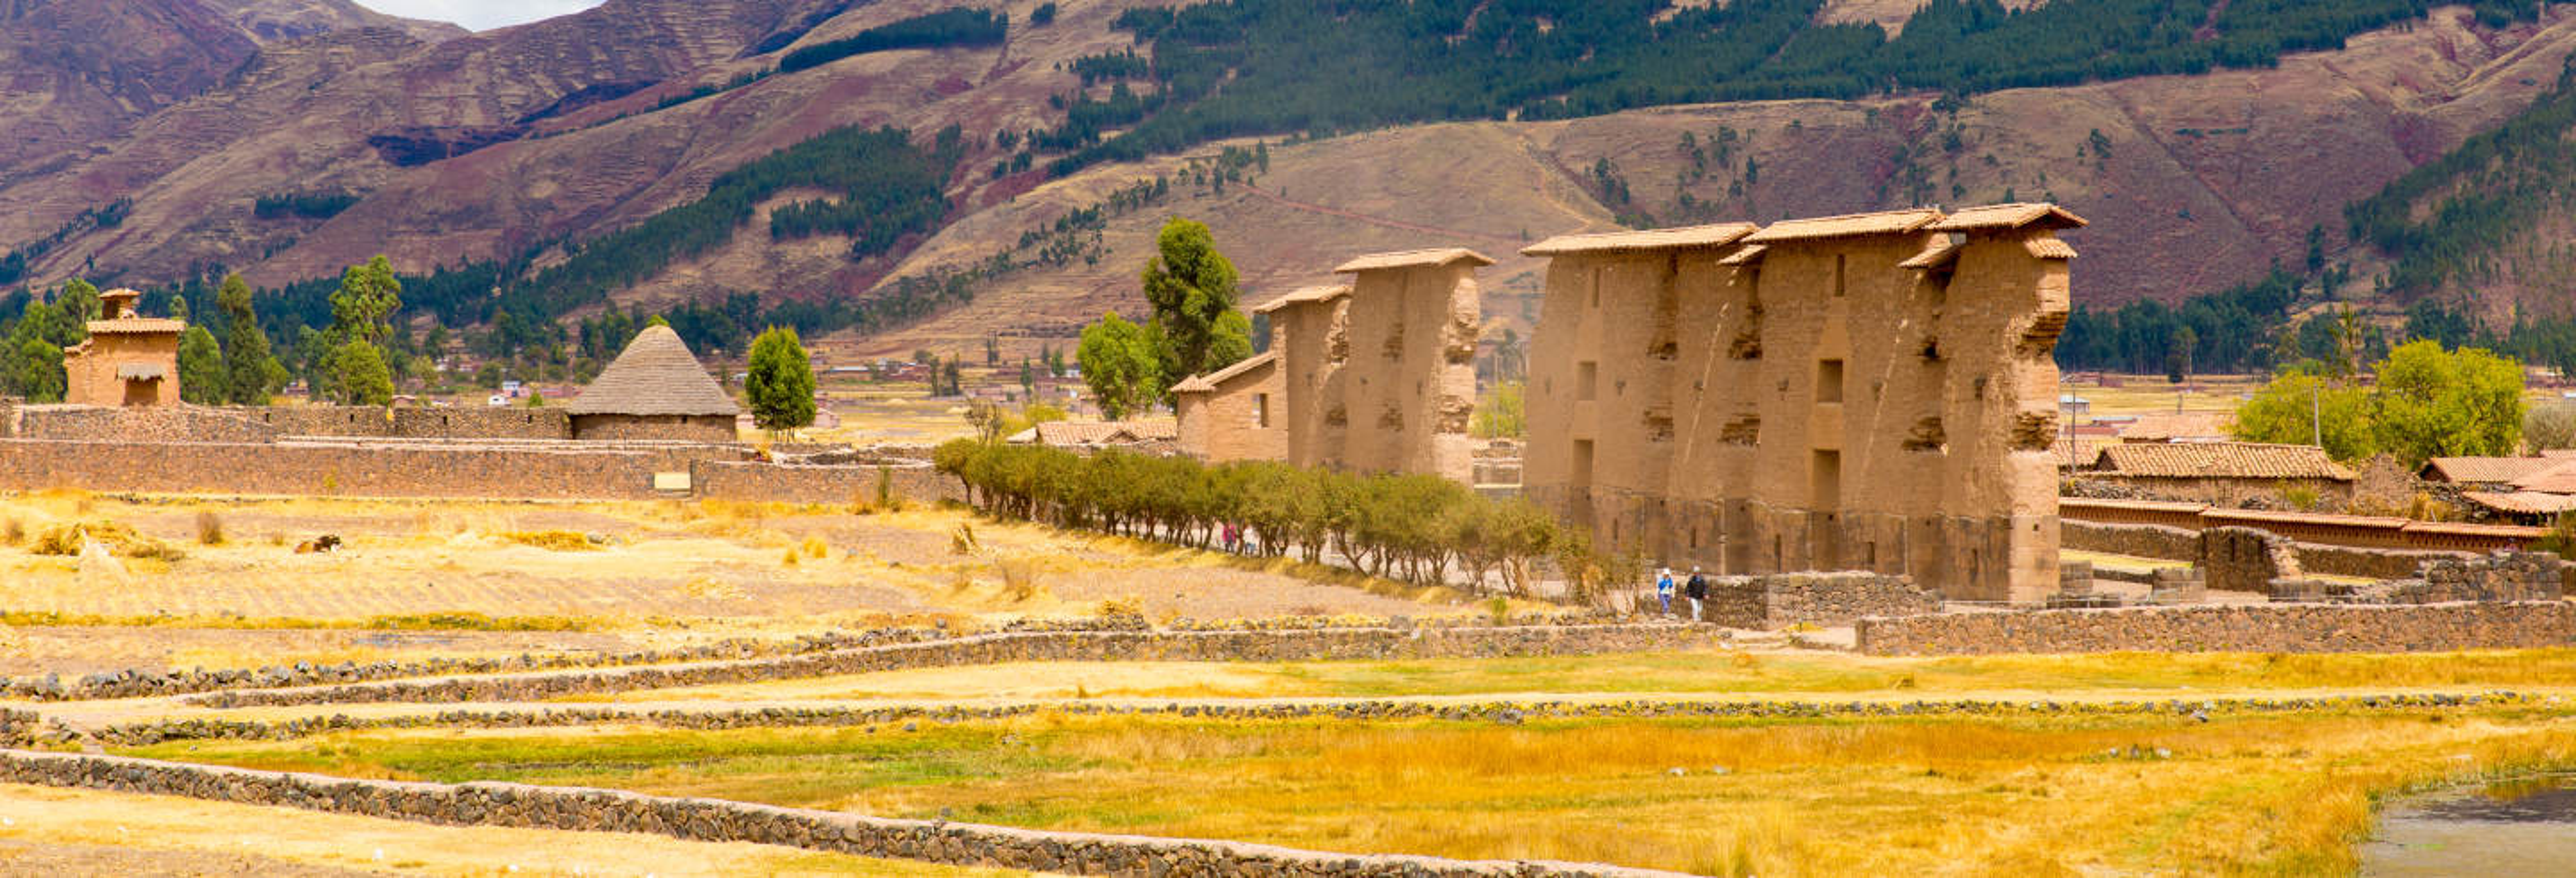 Strada del sole da Puno a Cusco